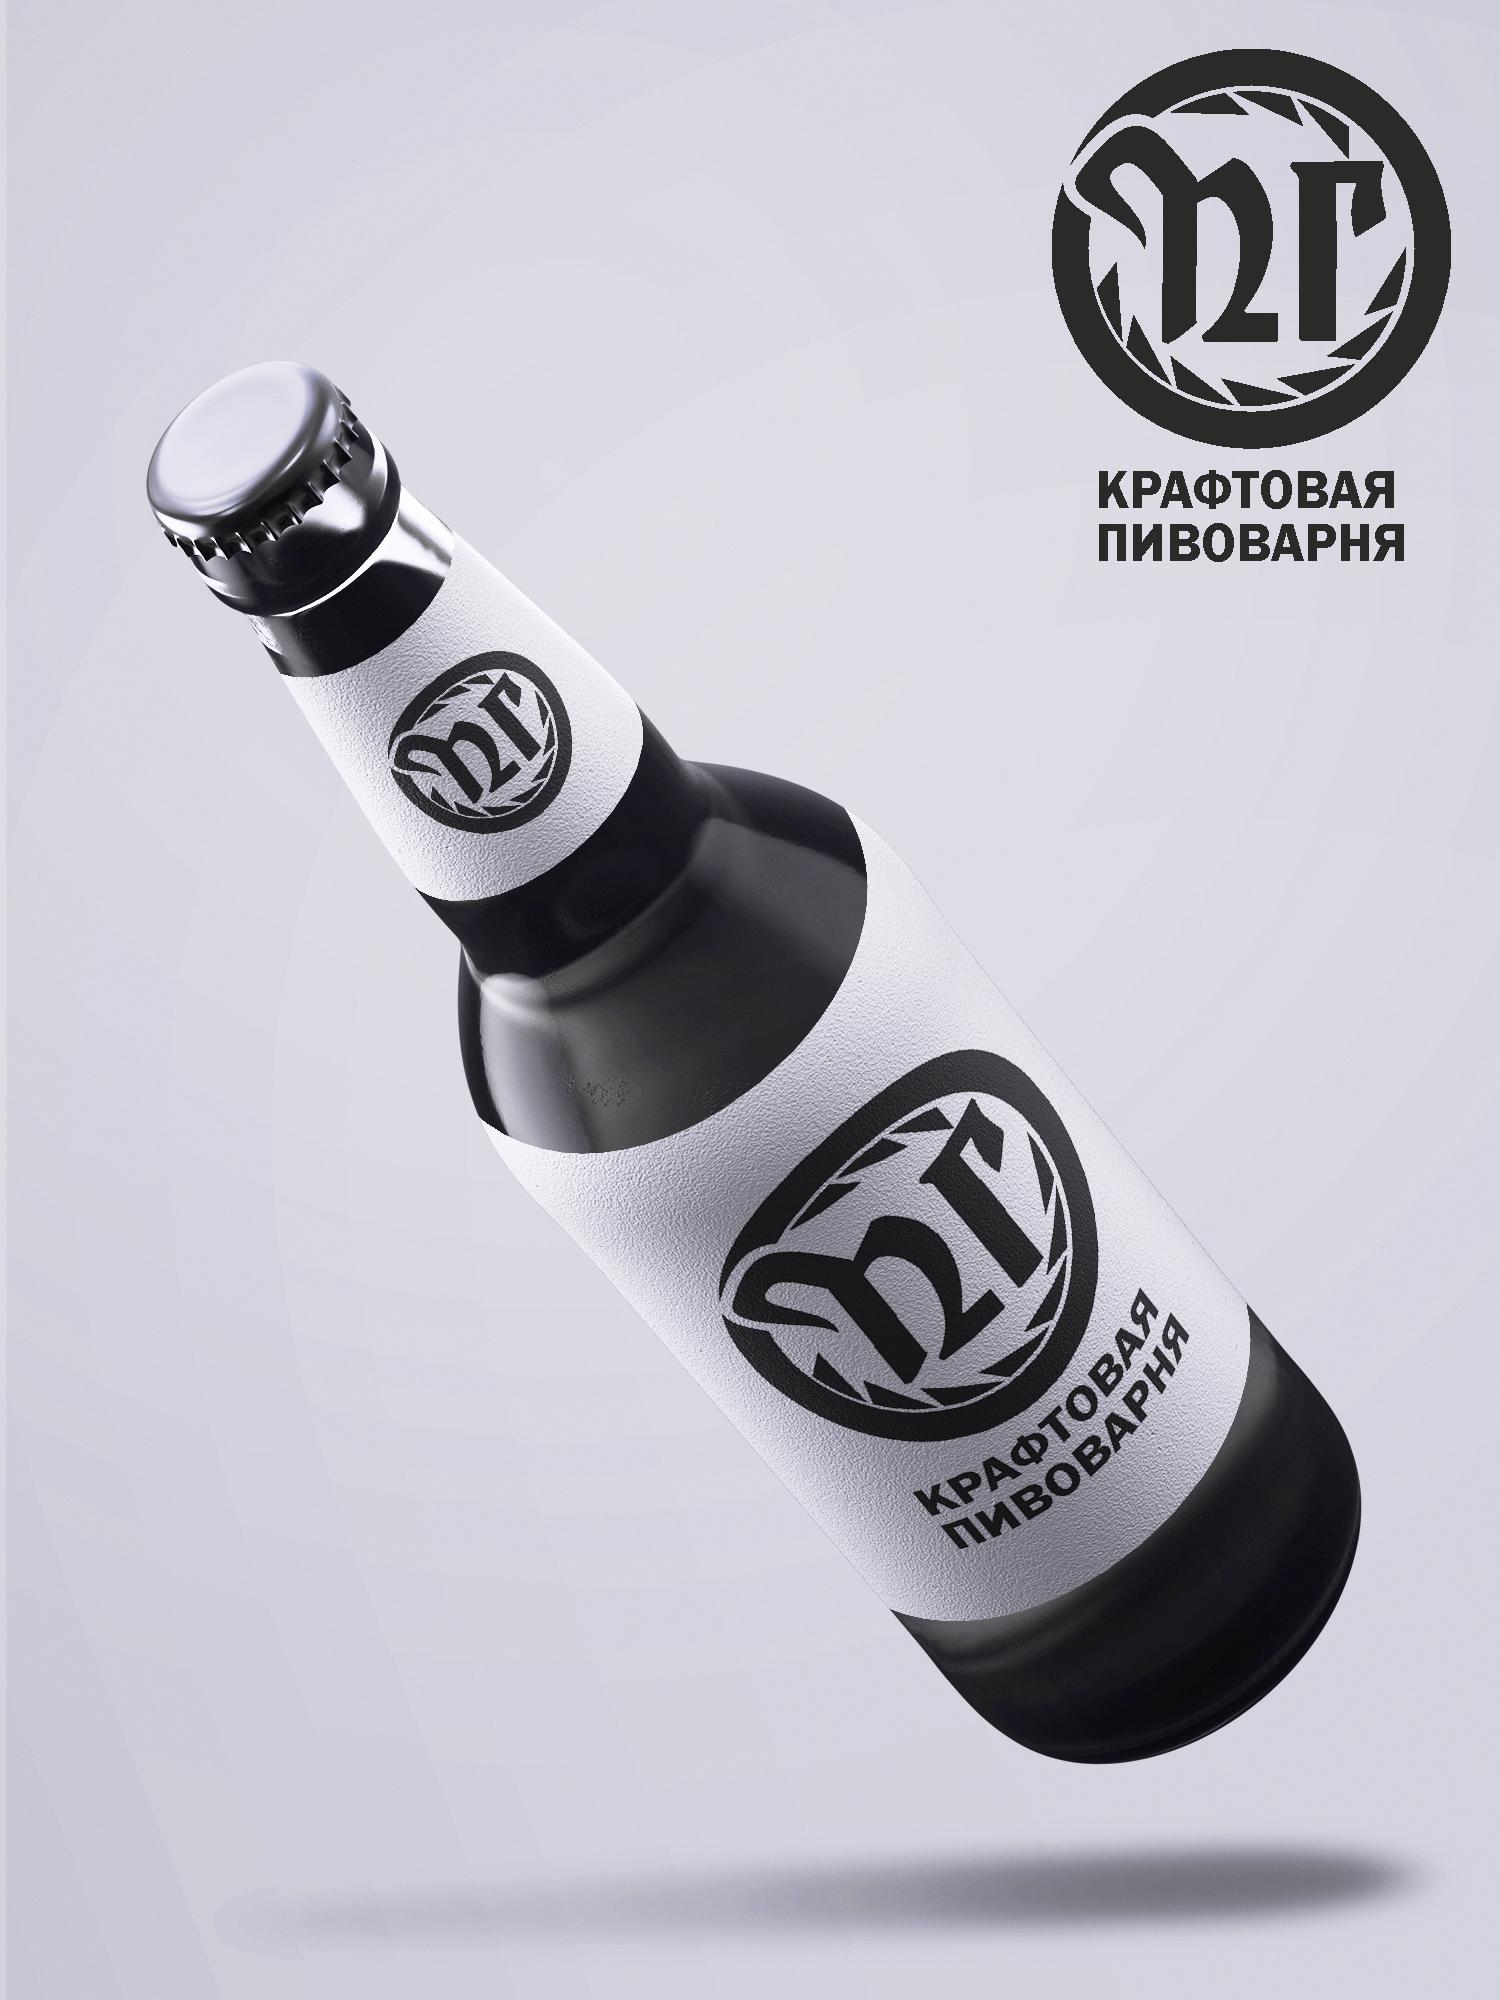 Логотип для Крафтовой Пивоварни фото f_9795cb35e7cef014.jpg